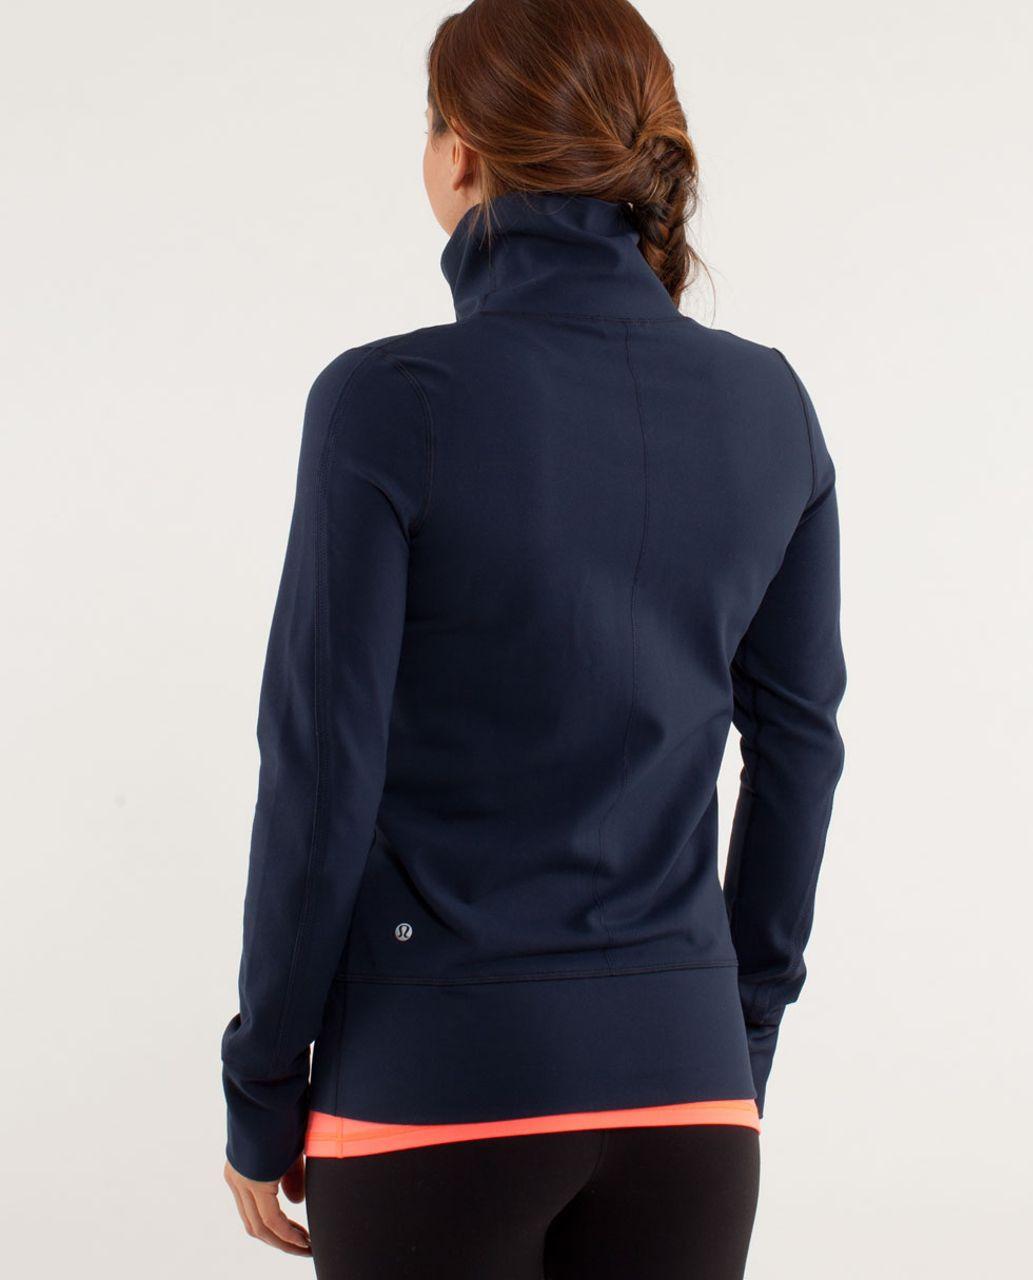 d6dd19b6ff Lululemon Daily Yoga Jacket - Inkwell - lulu fanatics